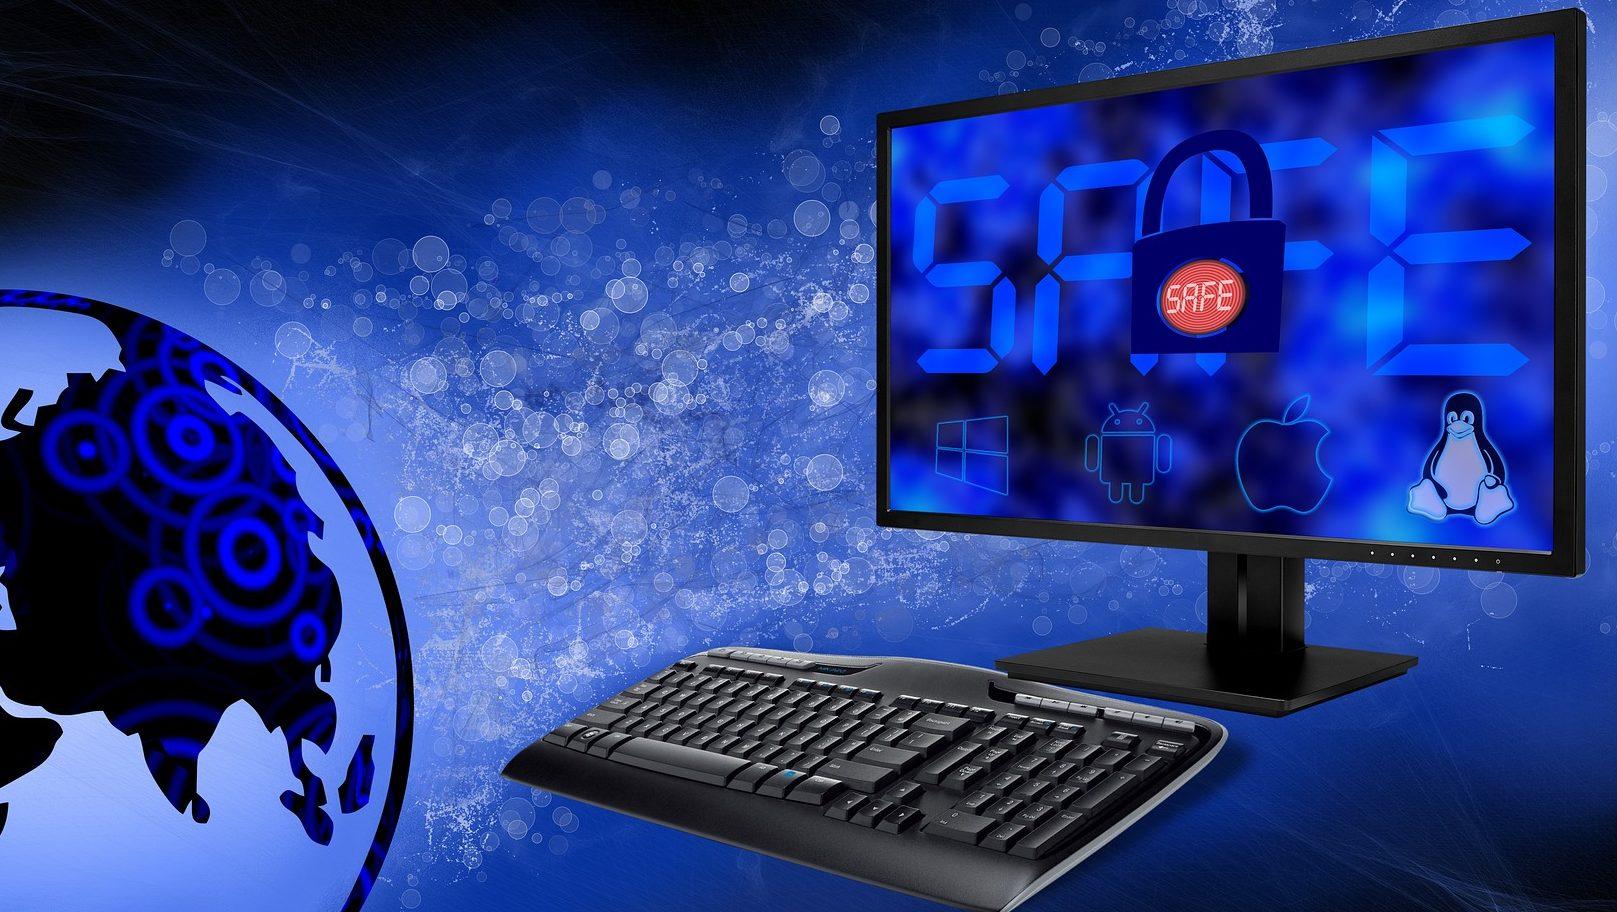 האם נערכתם לקראת תקנות אבטחת מאגרי המידע?